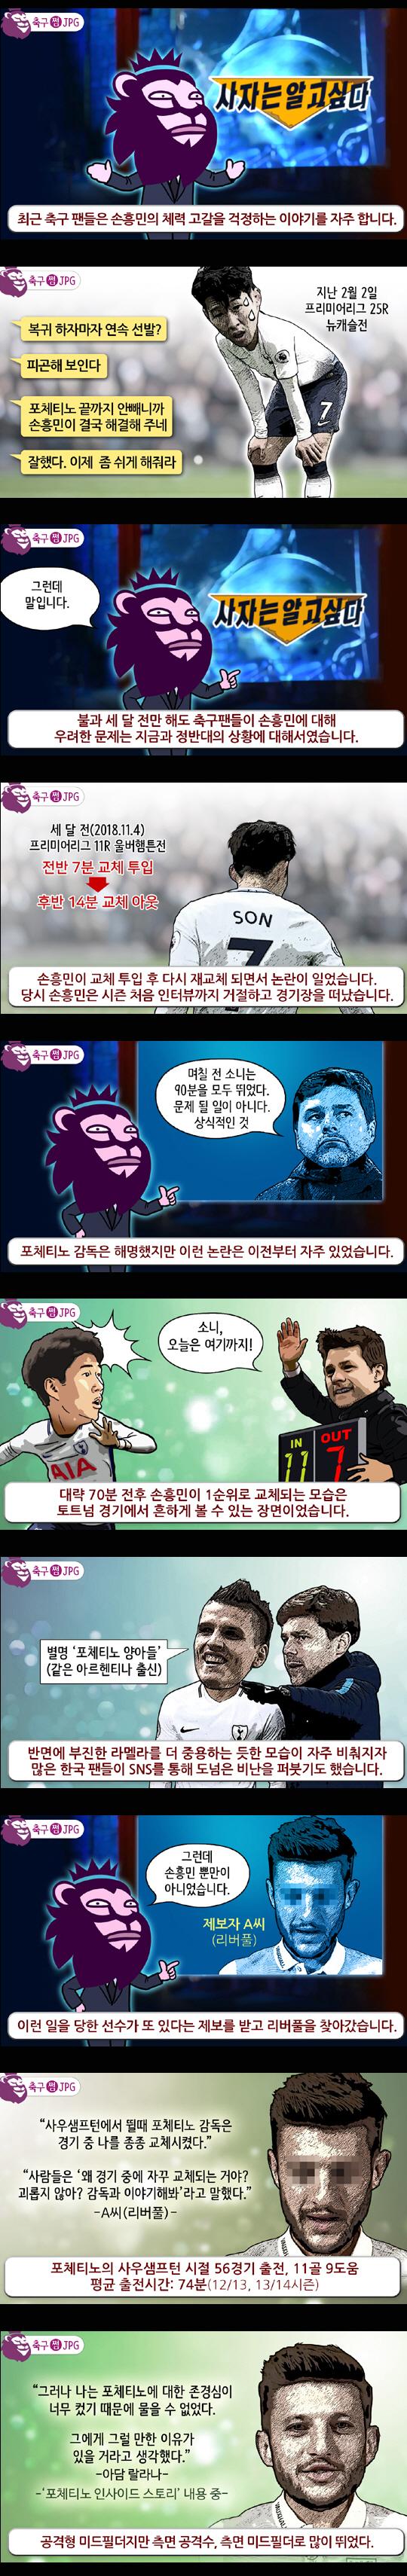 [축구.jpg] 손흥민과 교체티노의 진실